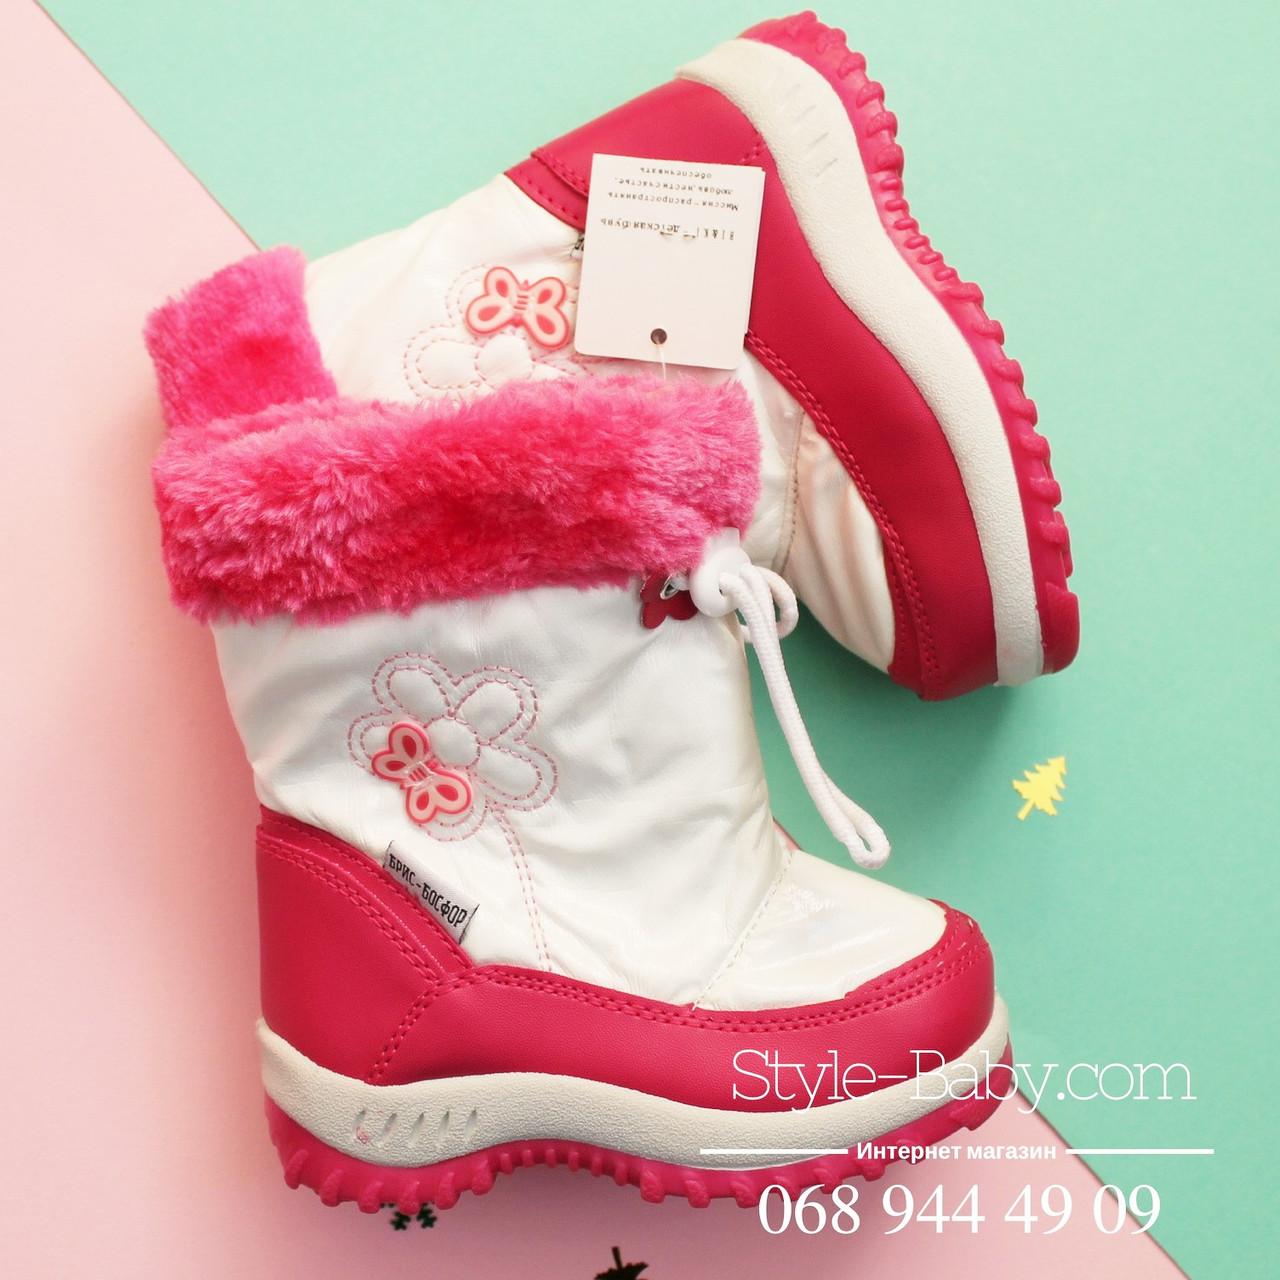 Сапожки дутики на девочку зимние тм Брис босфор р.25,27,28,29 - Style-Baby детский магазин в Киеве